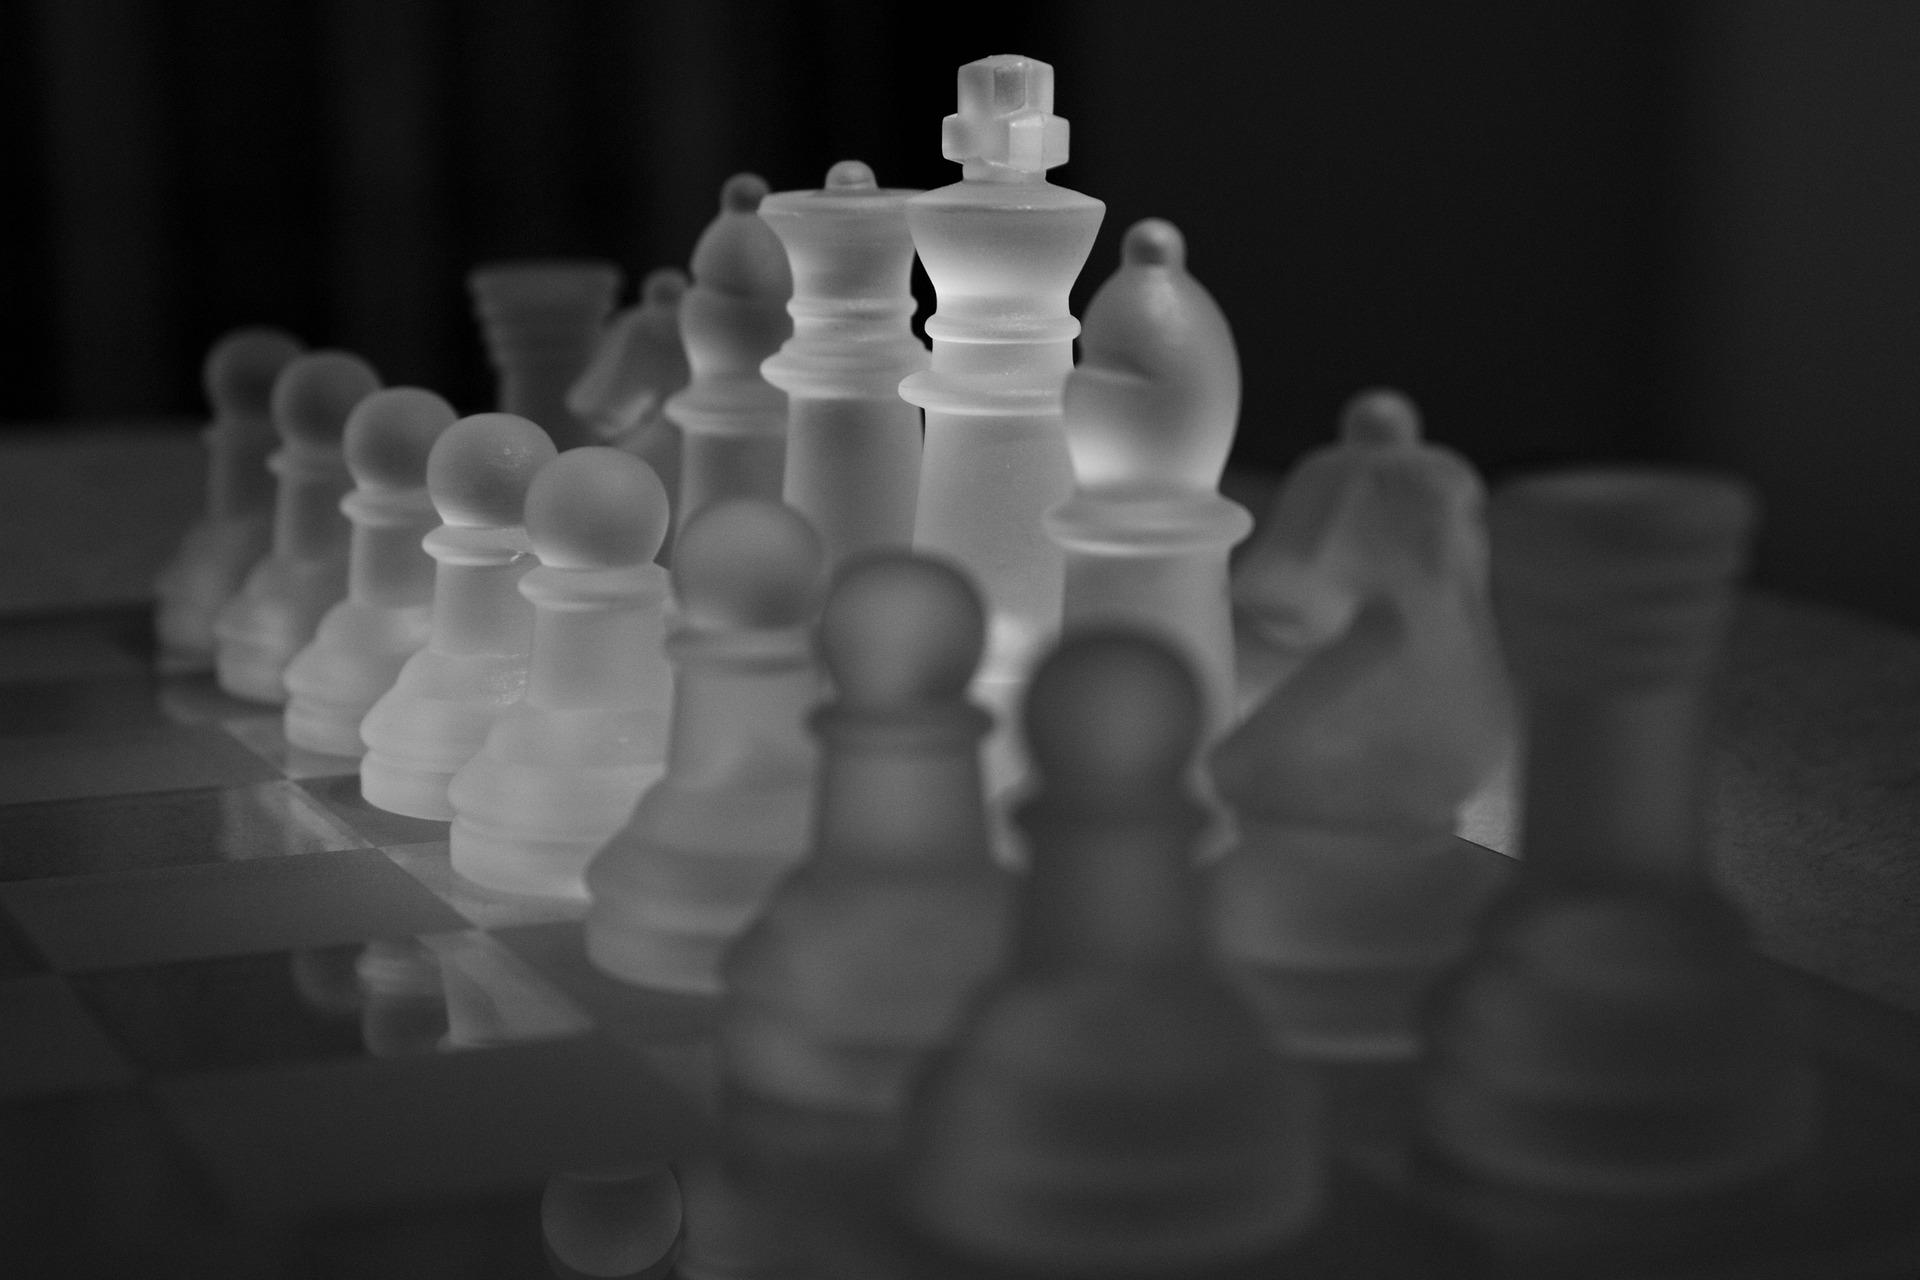 chess-1145557_1920